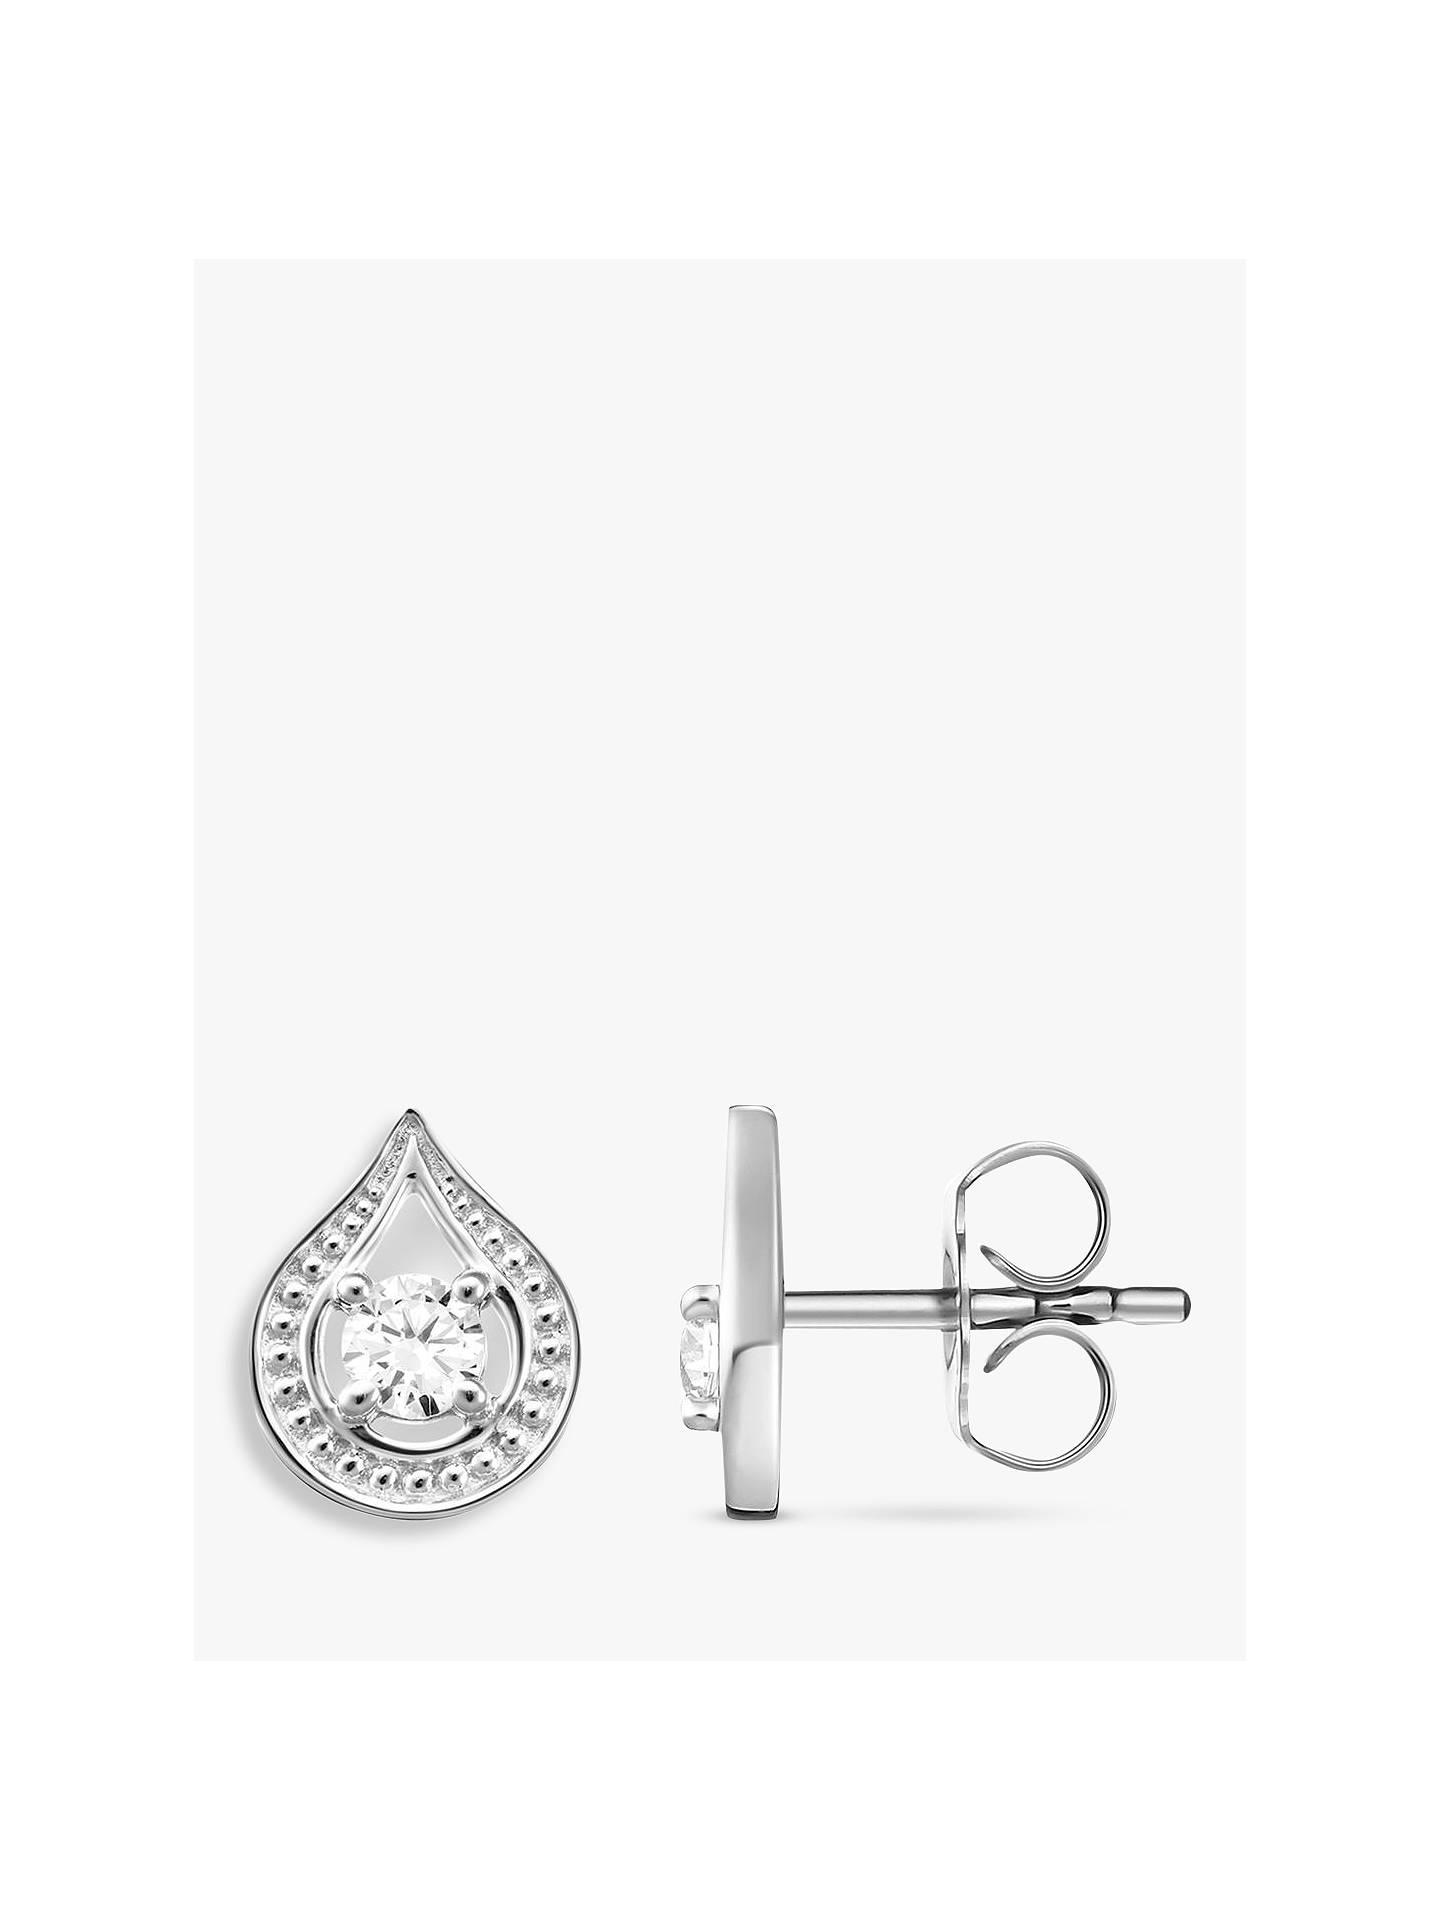 2ebfd49ef Buy THOMAS SABO Glam & Soul Cubic Zirconia Teardrop Stud Earrings, Silver  Online at johnlewis ...